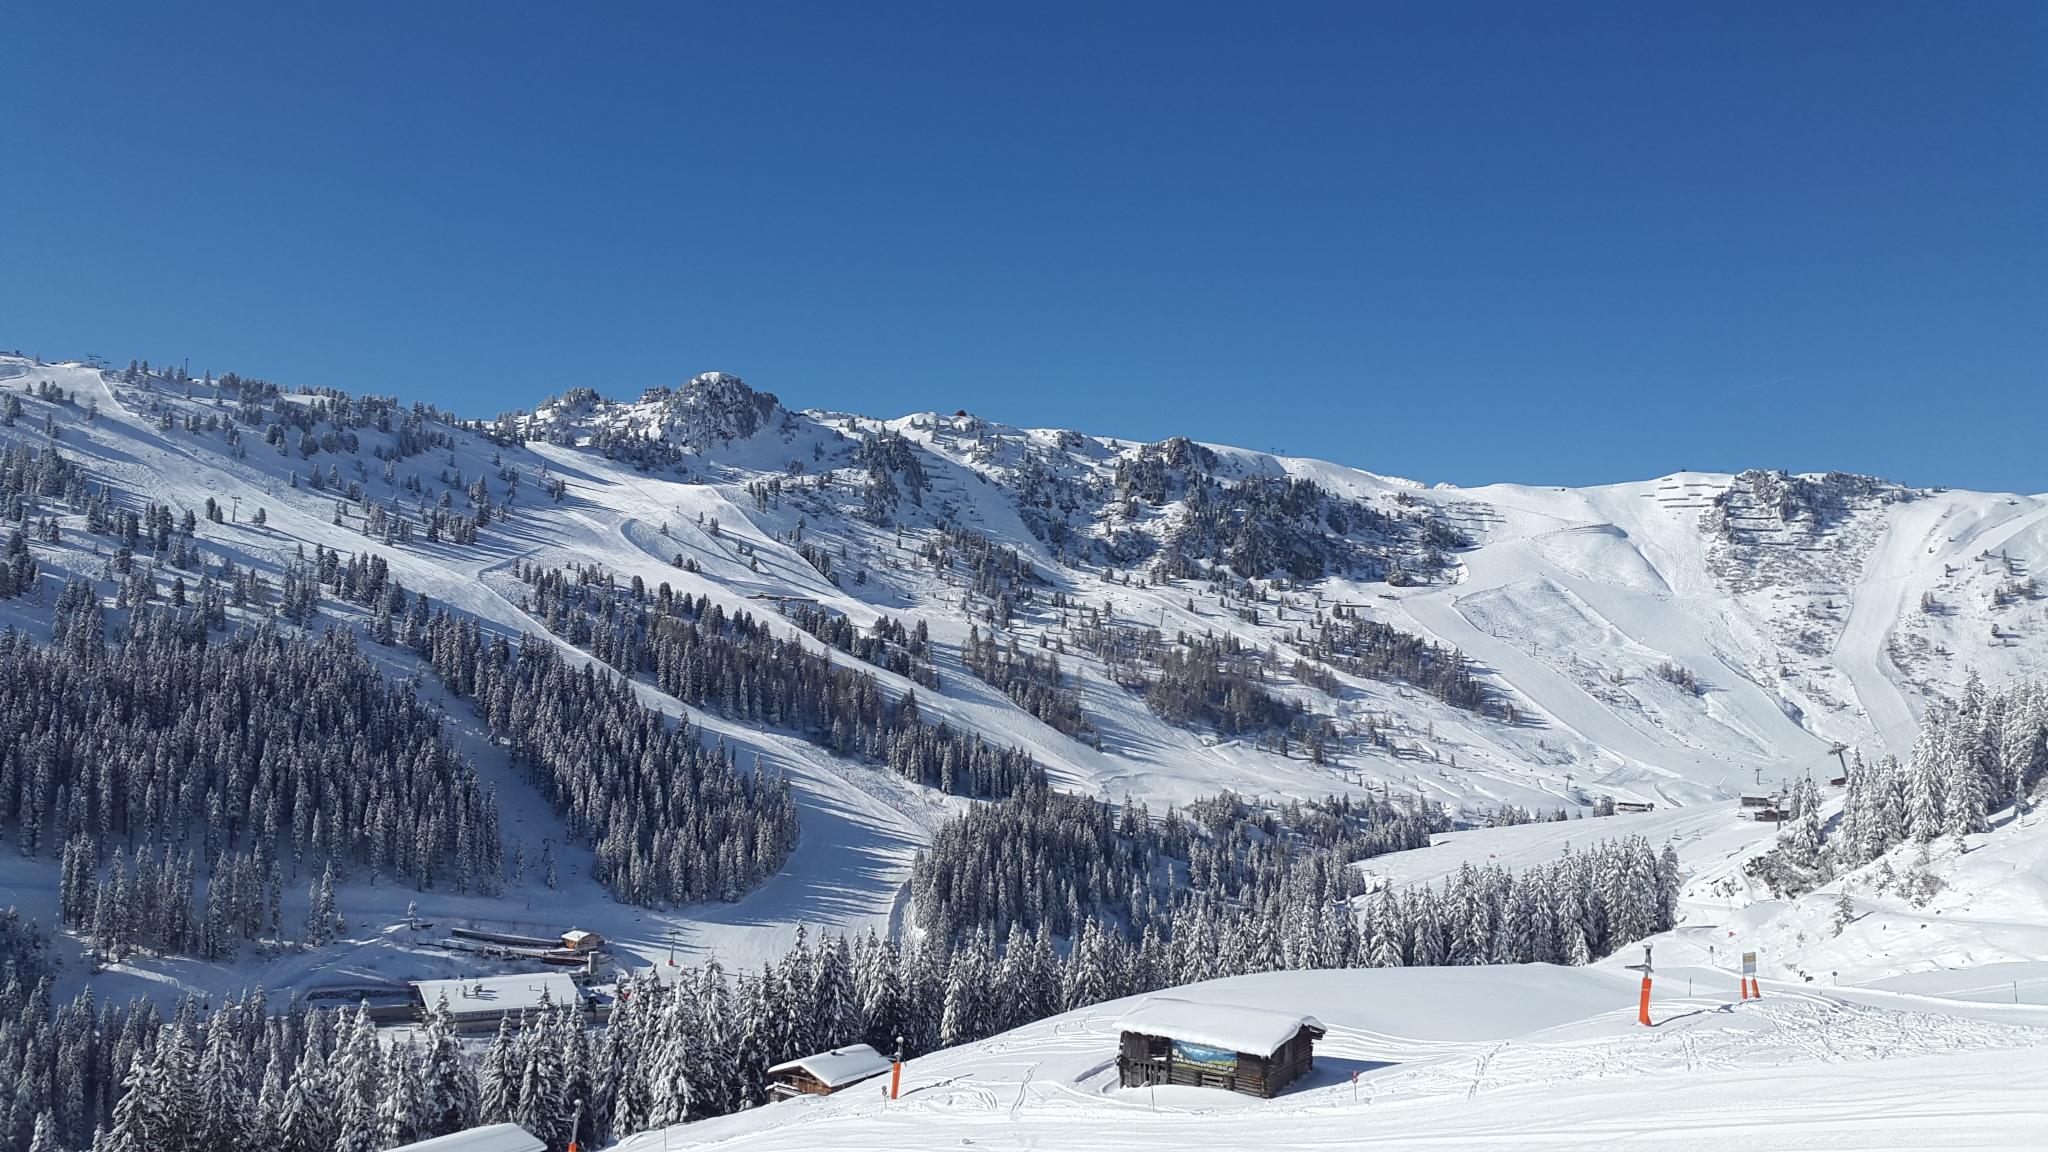 Skiarea Horberg/Penken